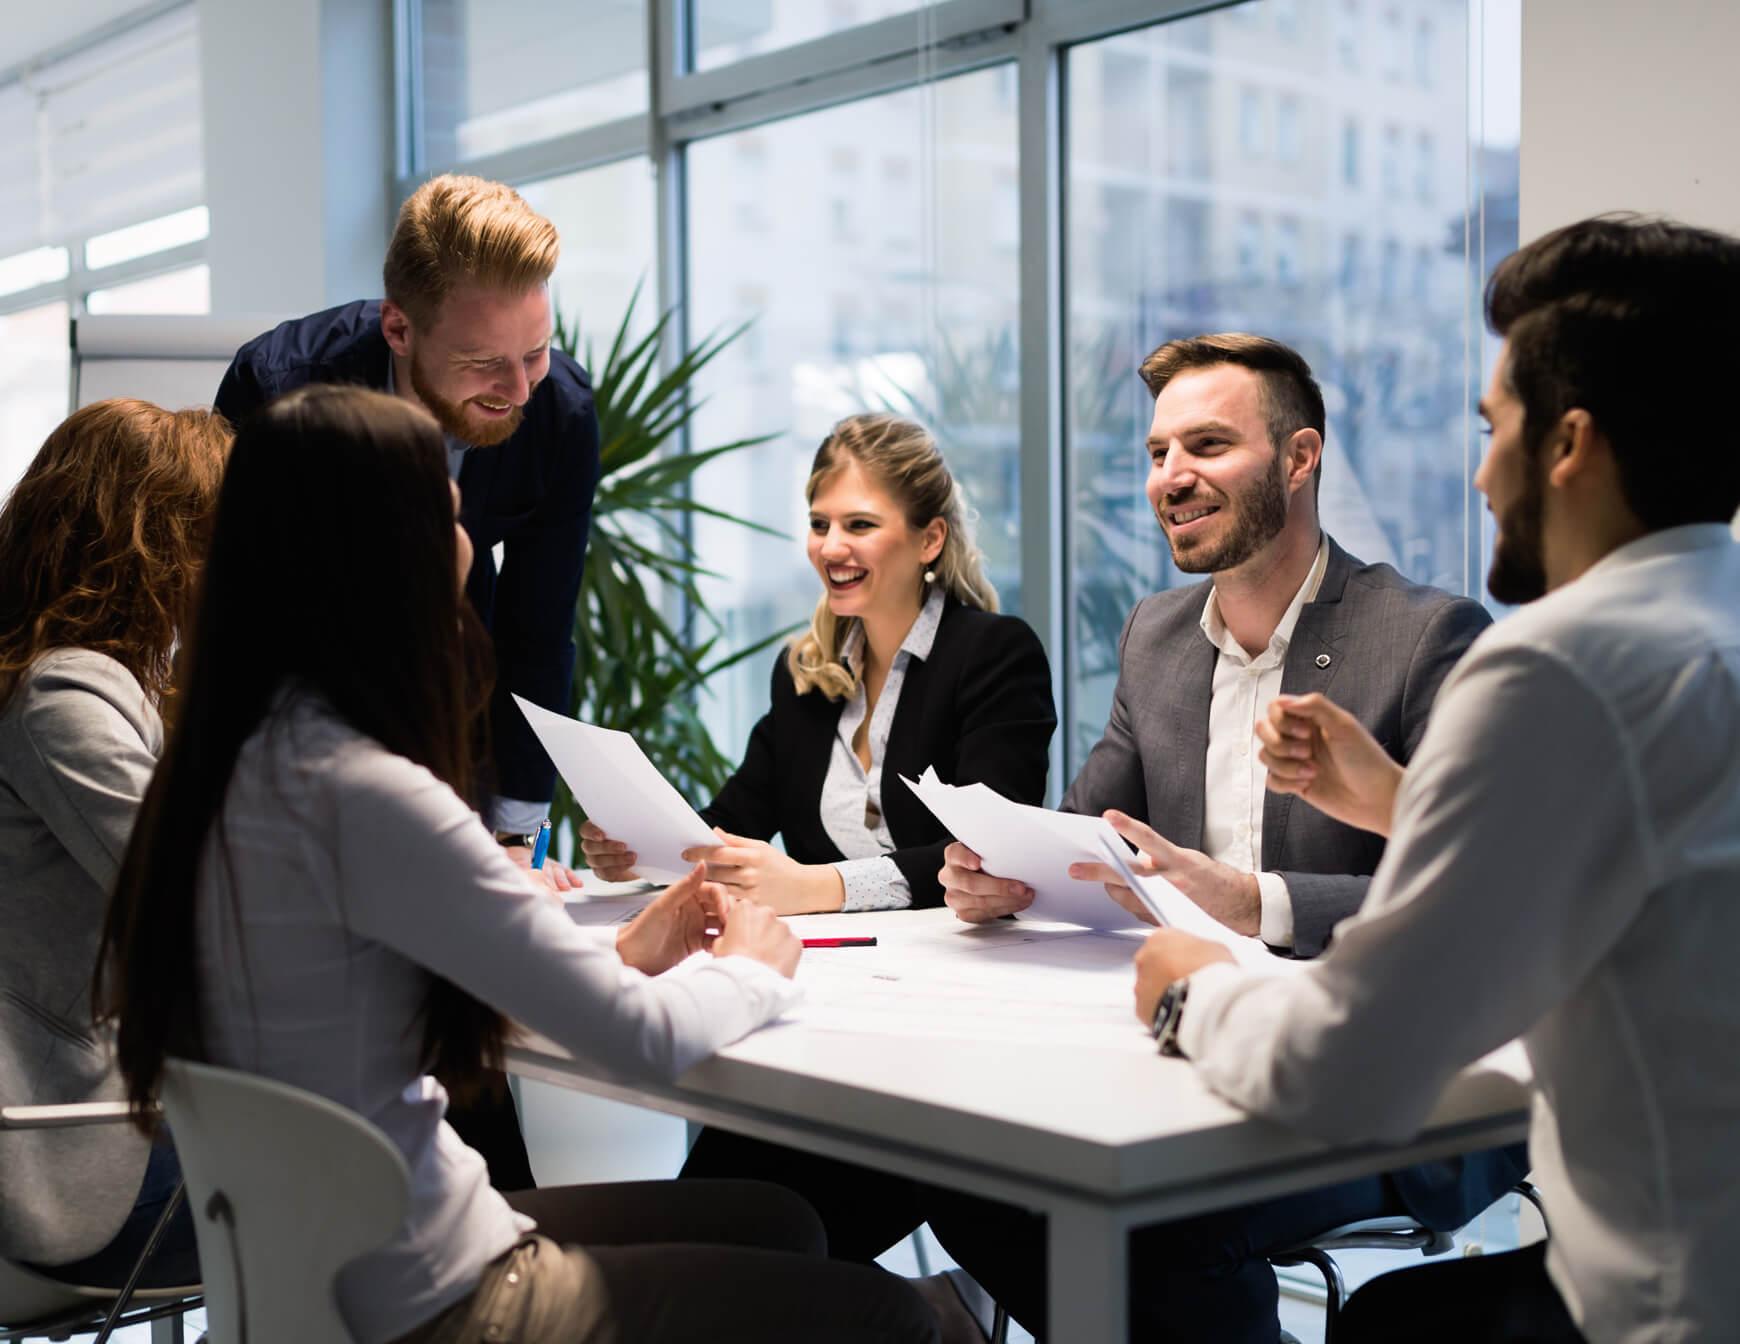 Розширюйте свій бізнес і підвищуйте рівень обслуговування за допомогою Avast